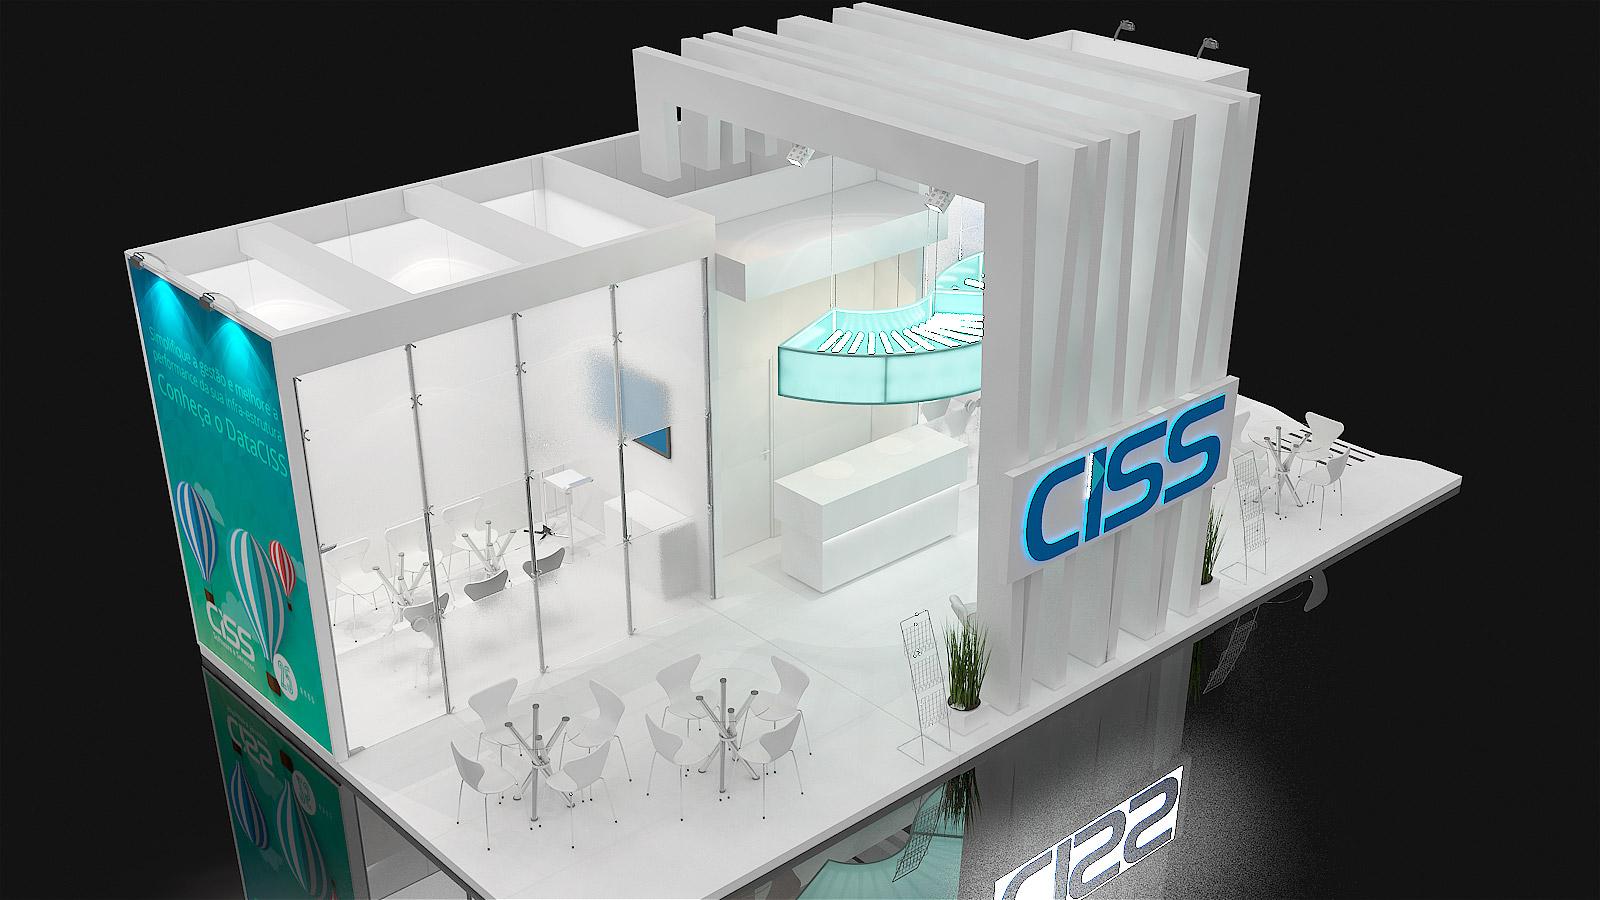 Preview do estande da CISS na APAS 2016